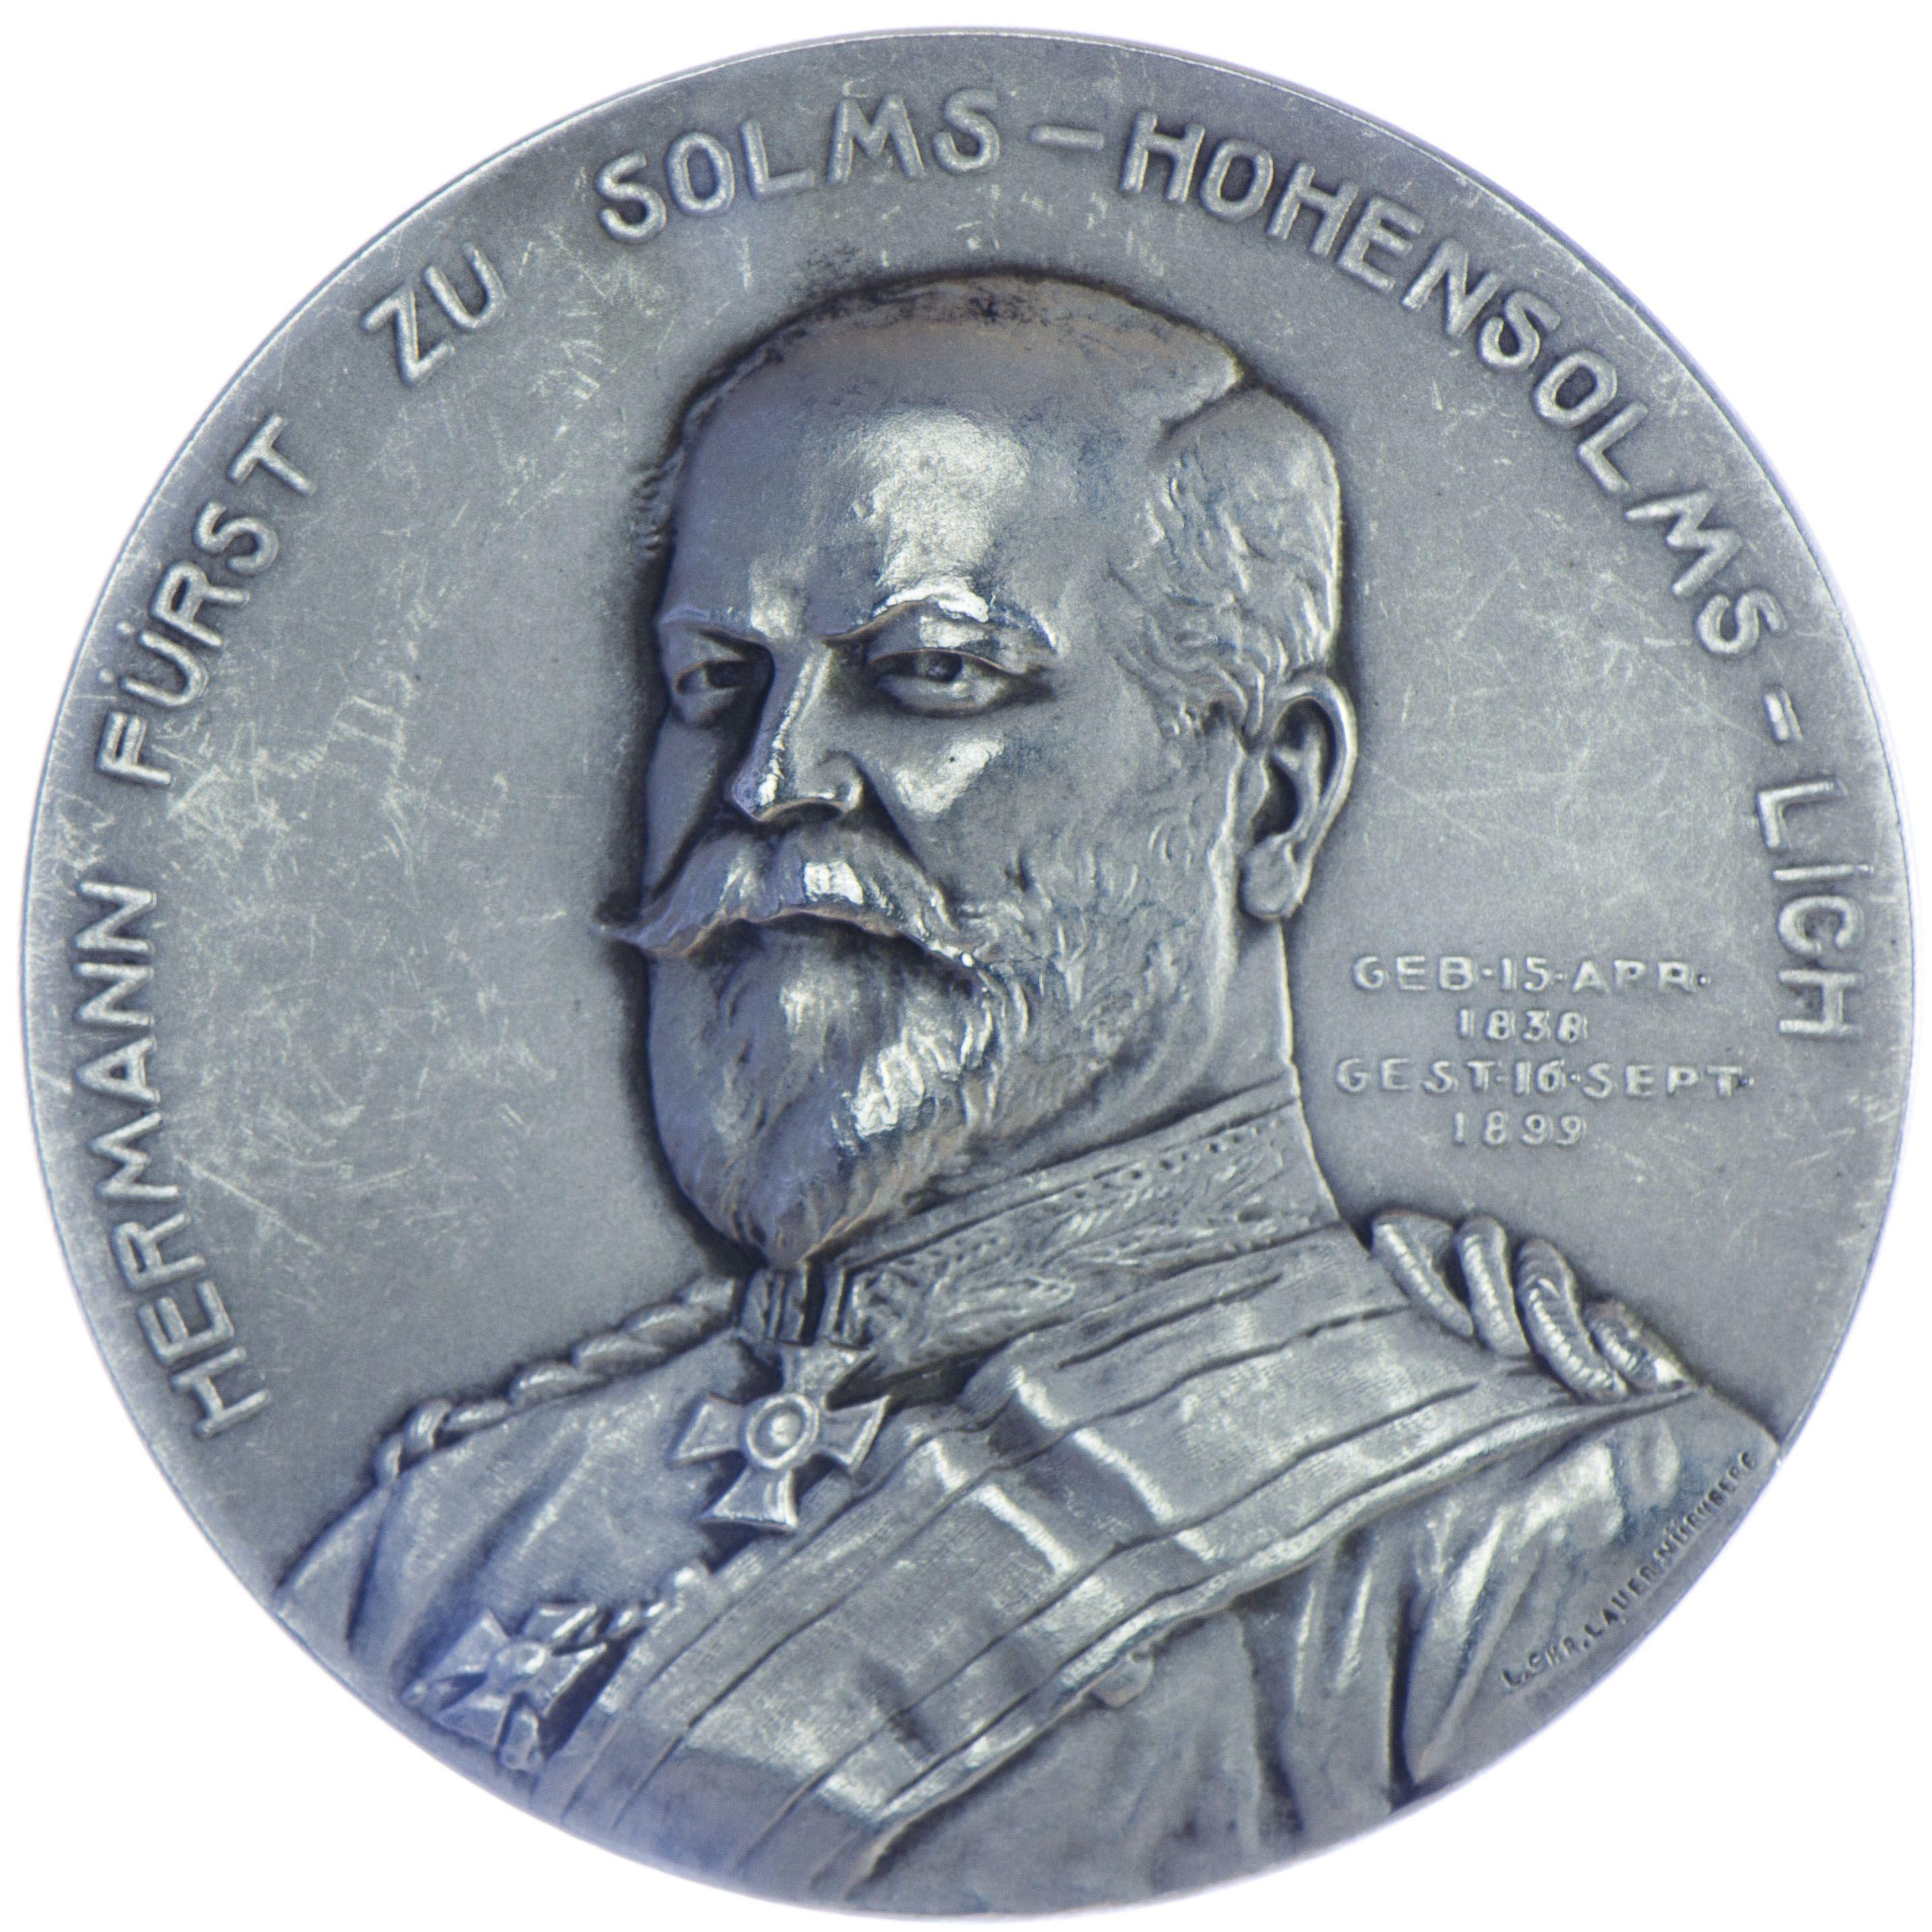 ef62fac7fbe5d14b6bd4f099a64184f5 Verwunderlich Reich Werden Mit Silber Dekorationen